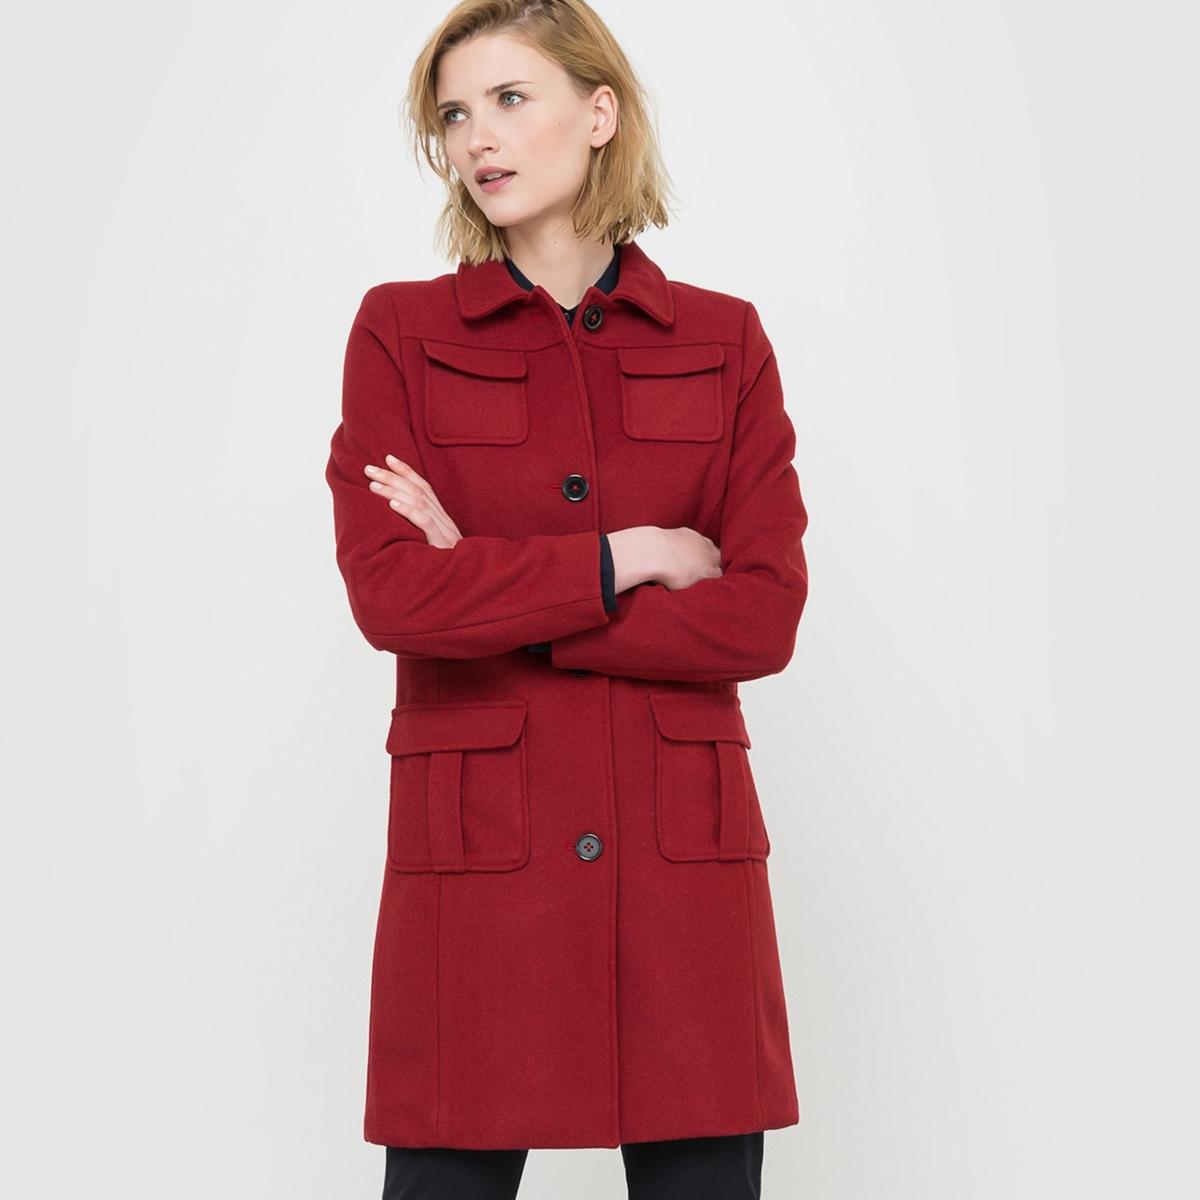 Пальто, 60 % шерсти. пальто драповое 30% шерсти